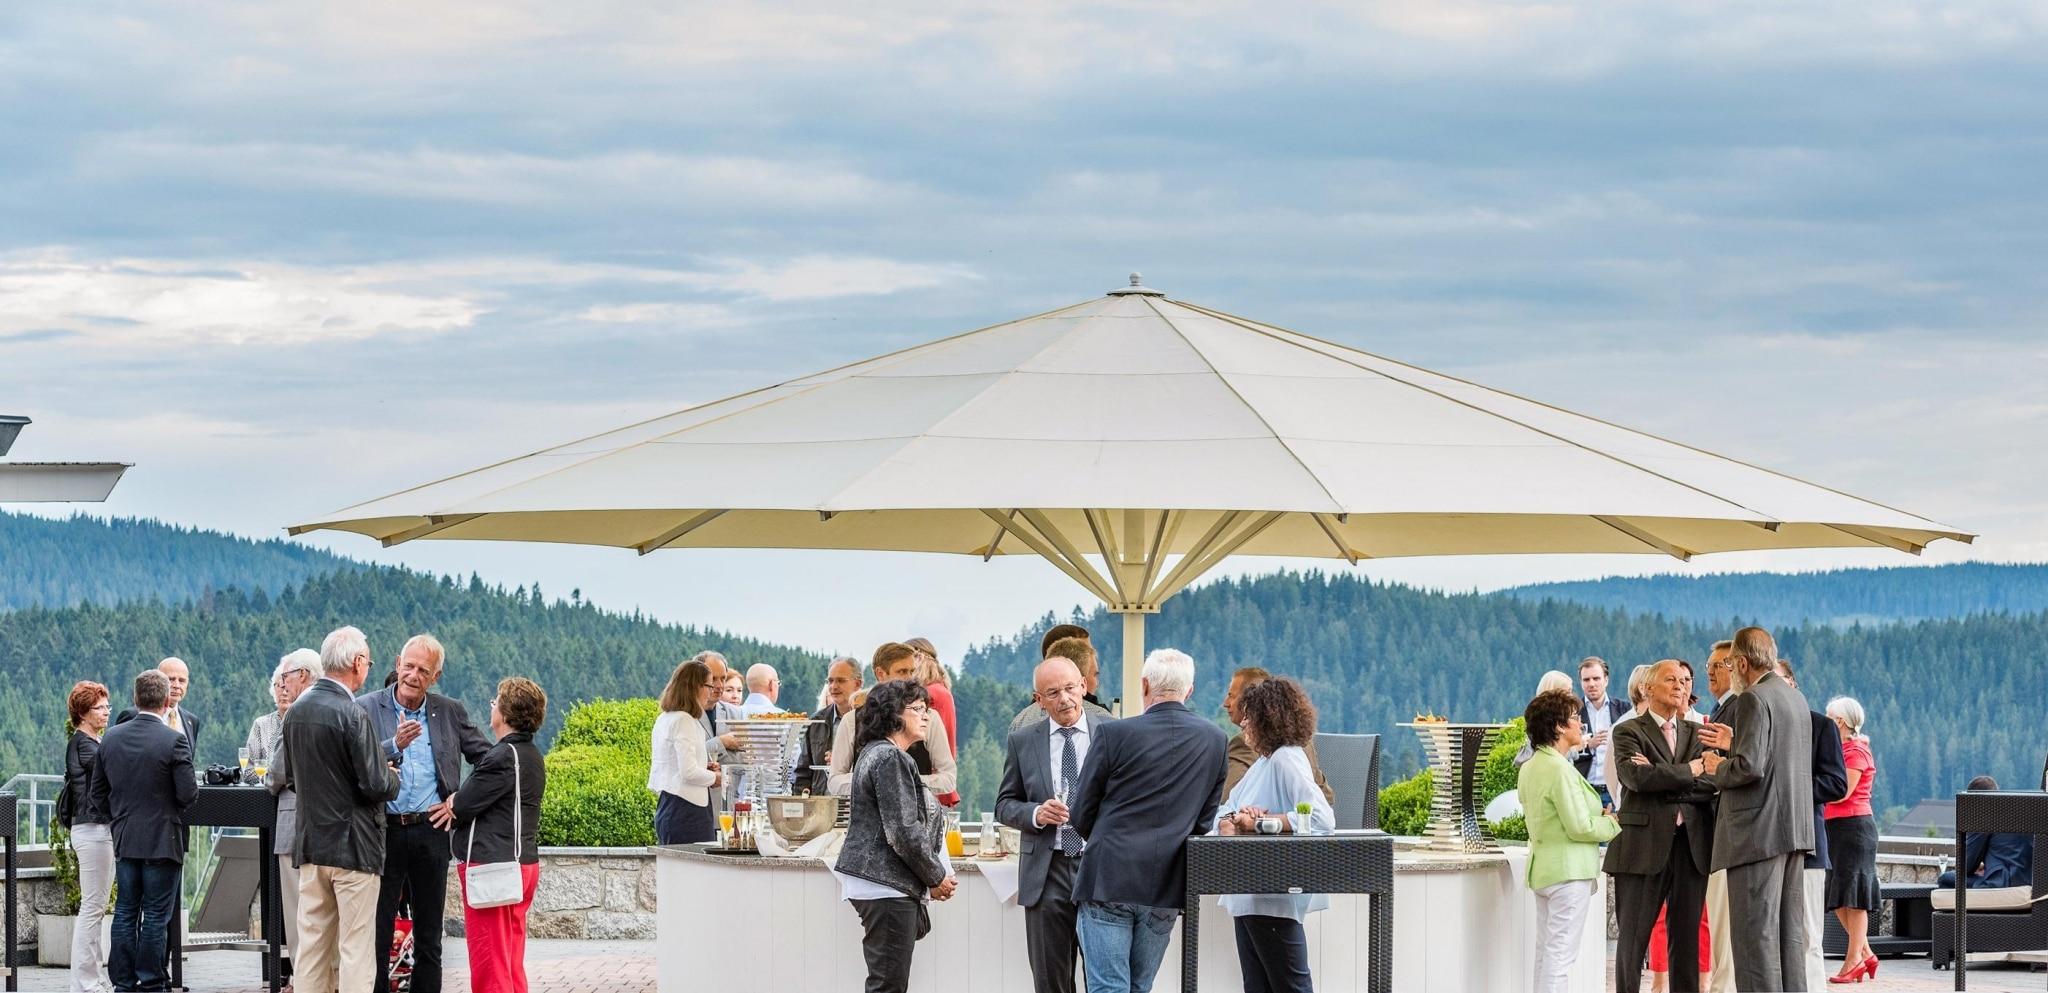 Veranstaltung auf der Panoramaterrasse im Vier Jahreszeiten am Schluchsee